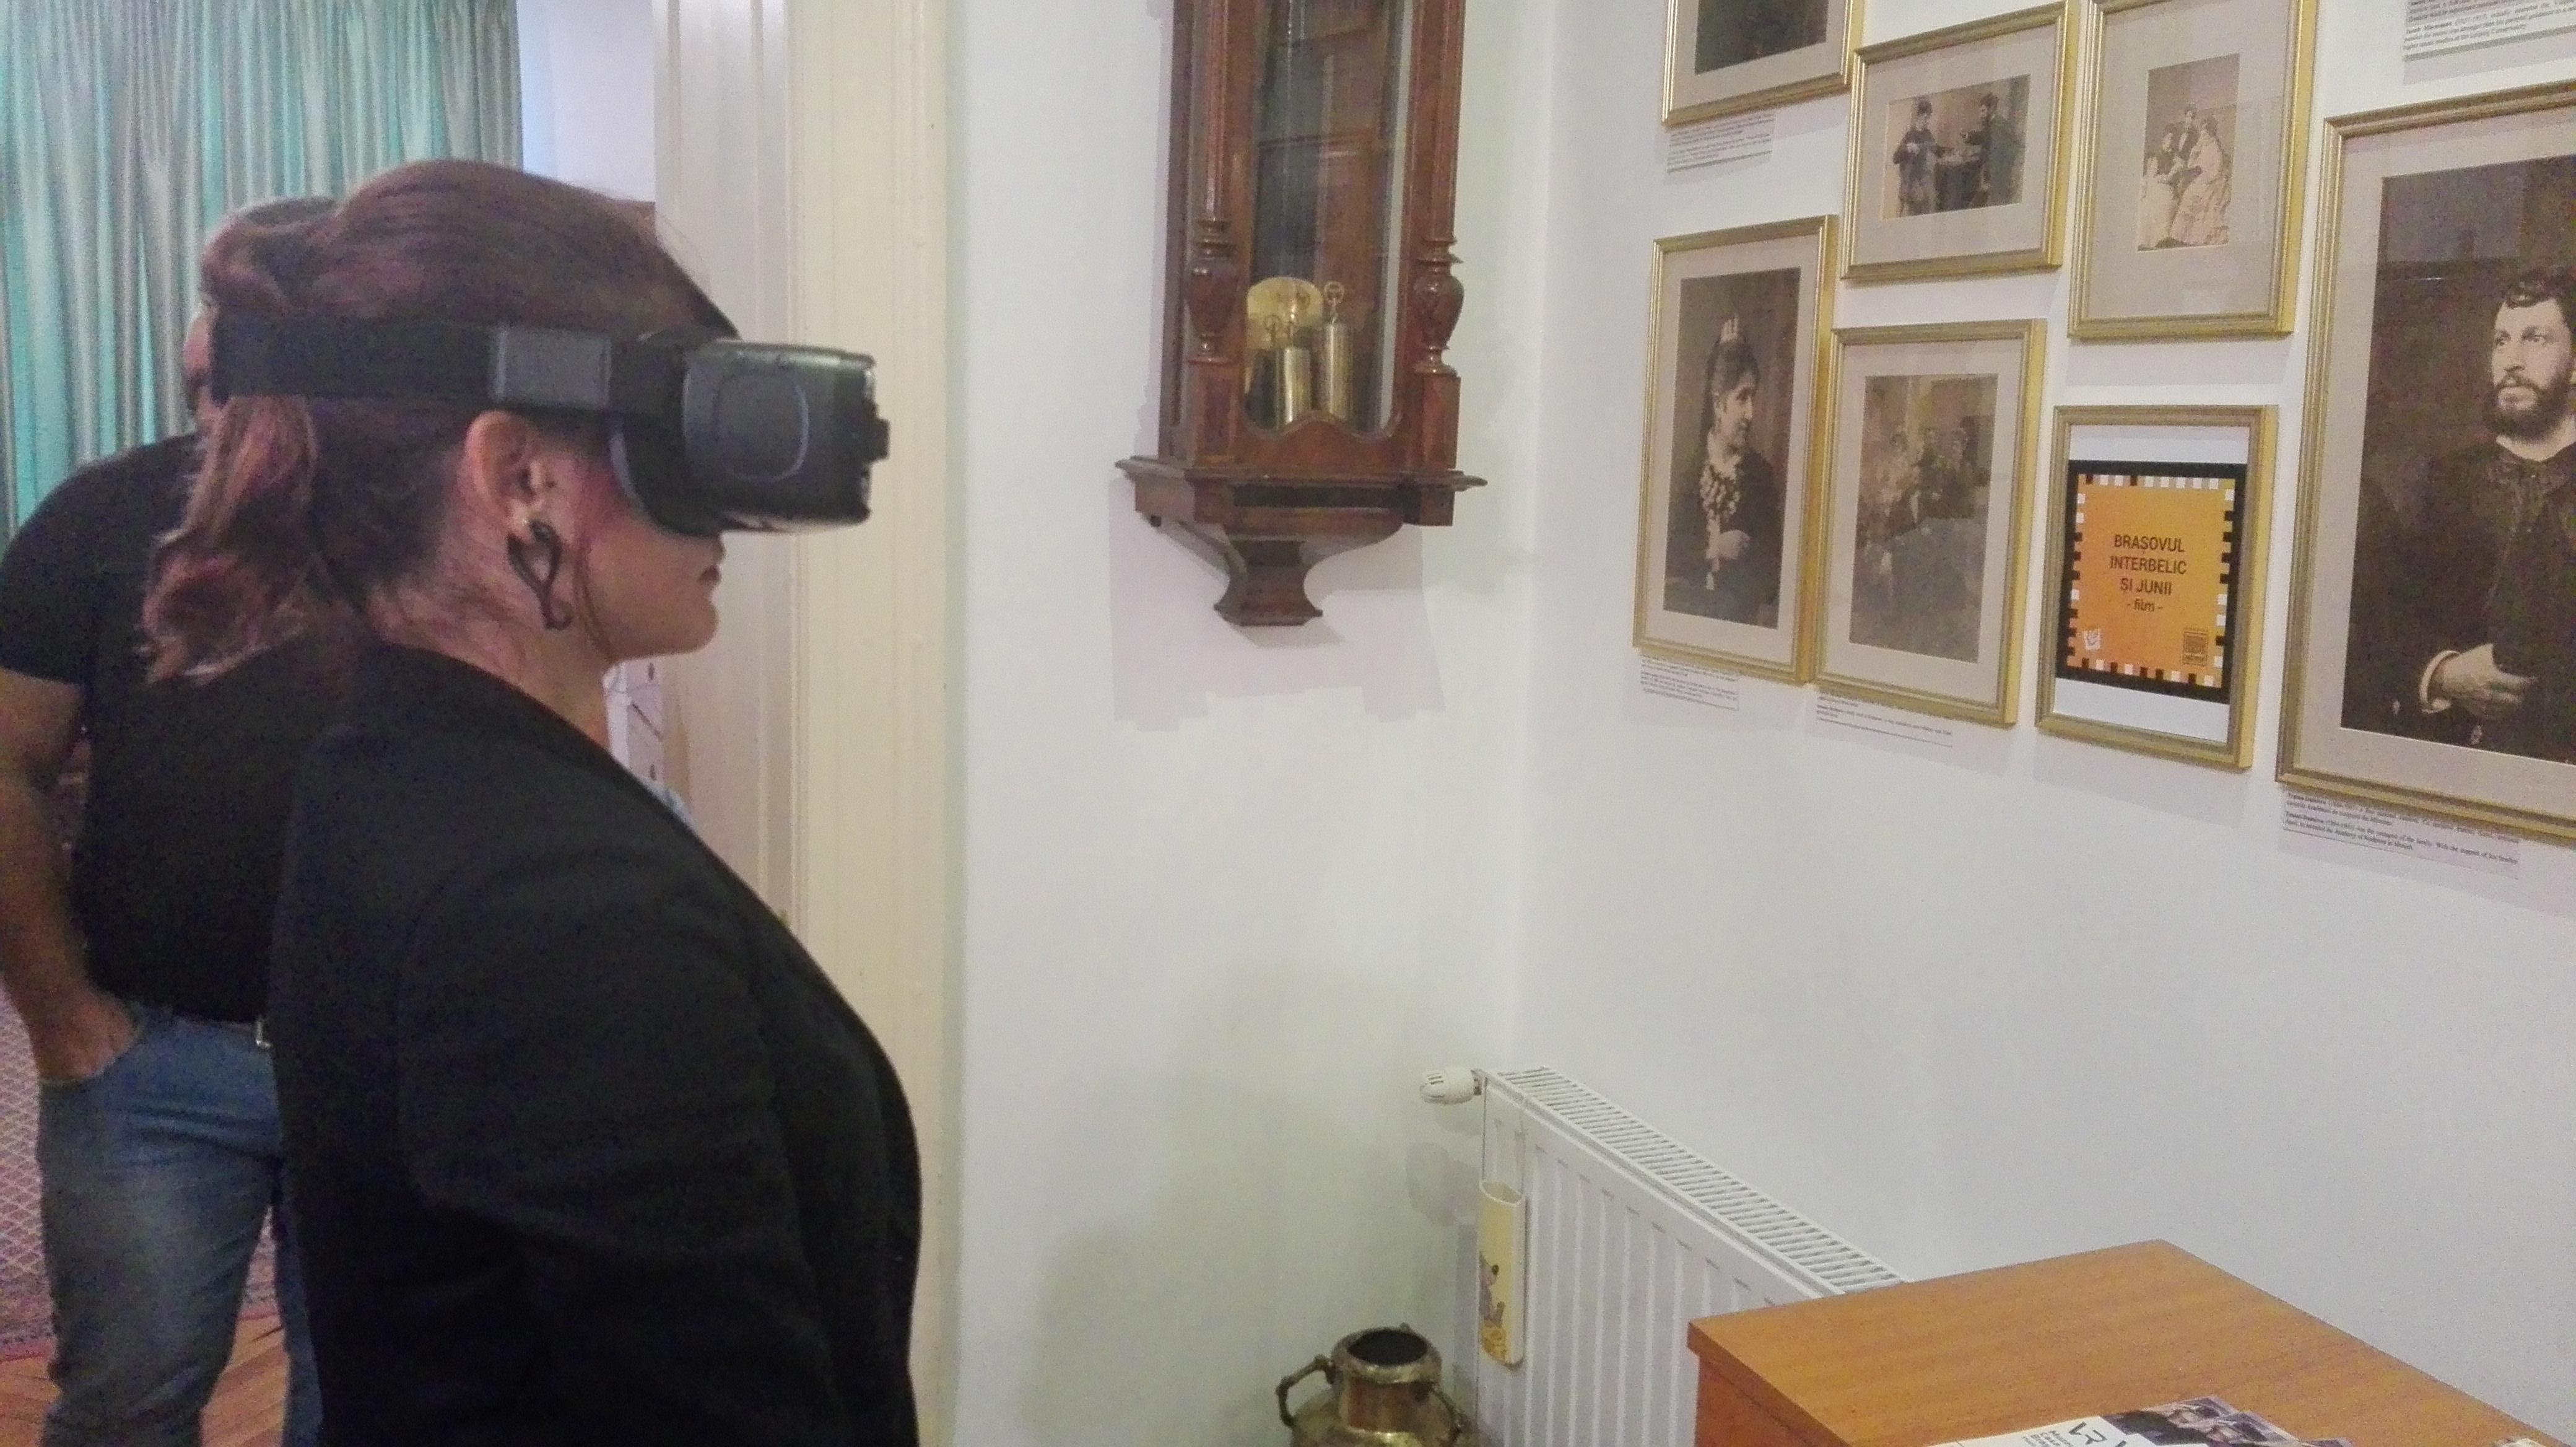 Primul ghid virtual de vizitare a unui muzeu din România, lansat la Braşov: `Este un pas în viitor` | FOTO